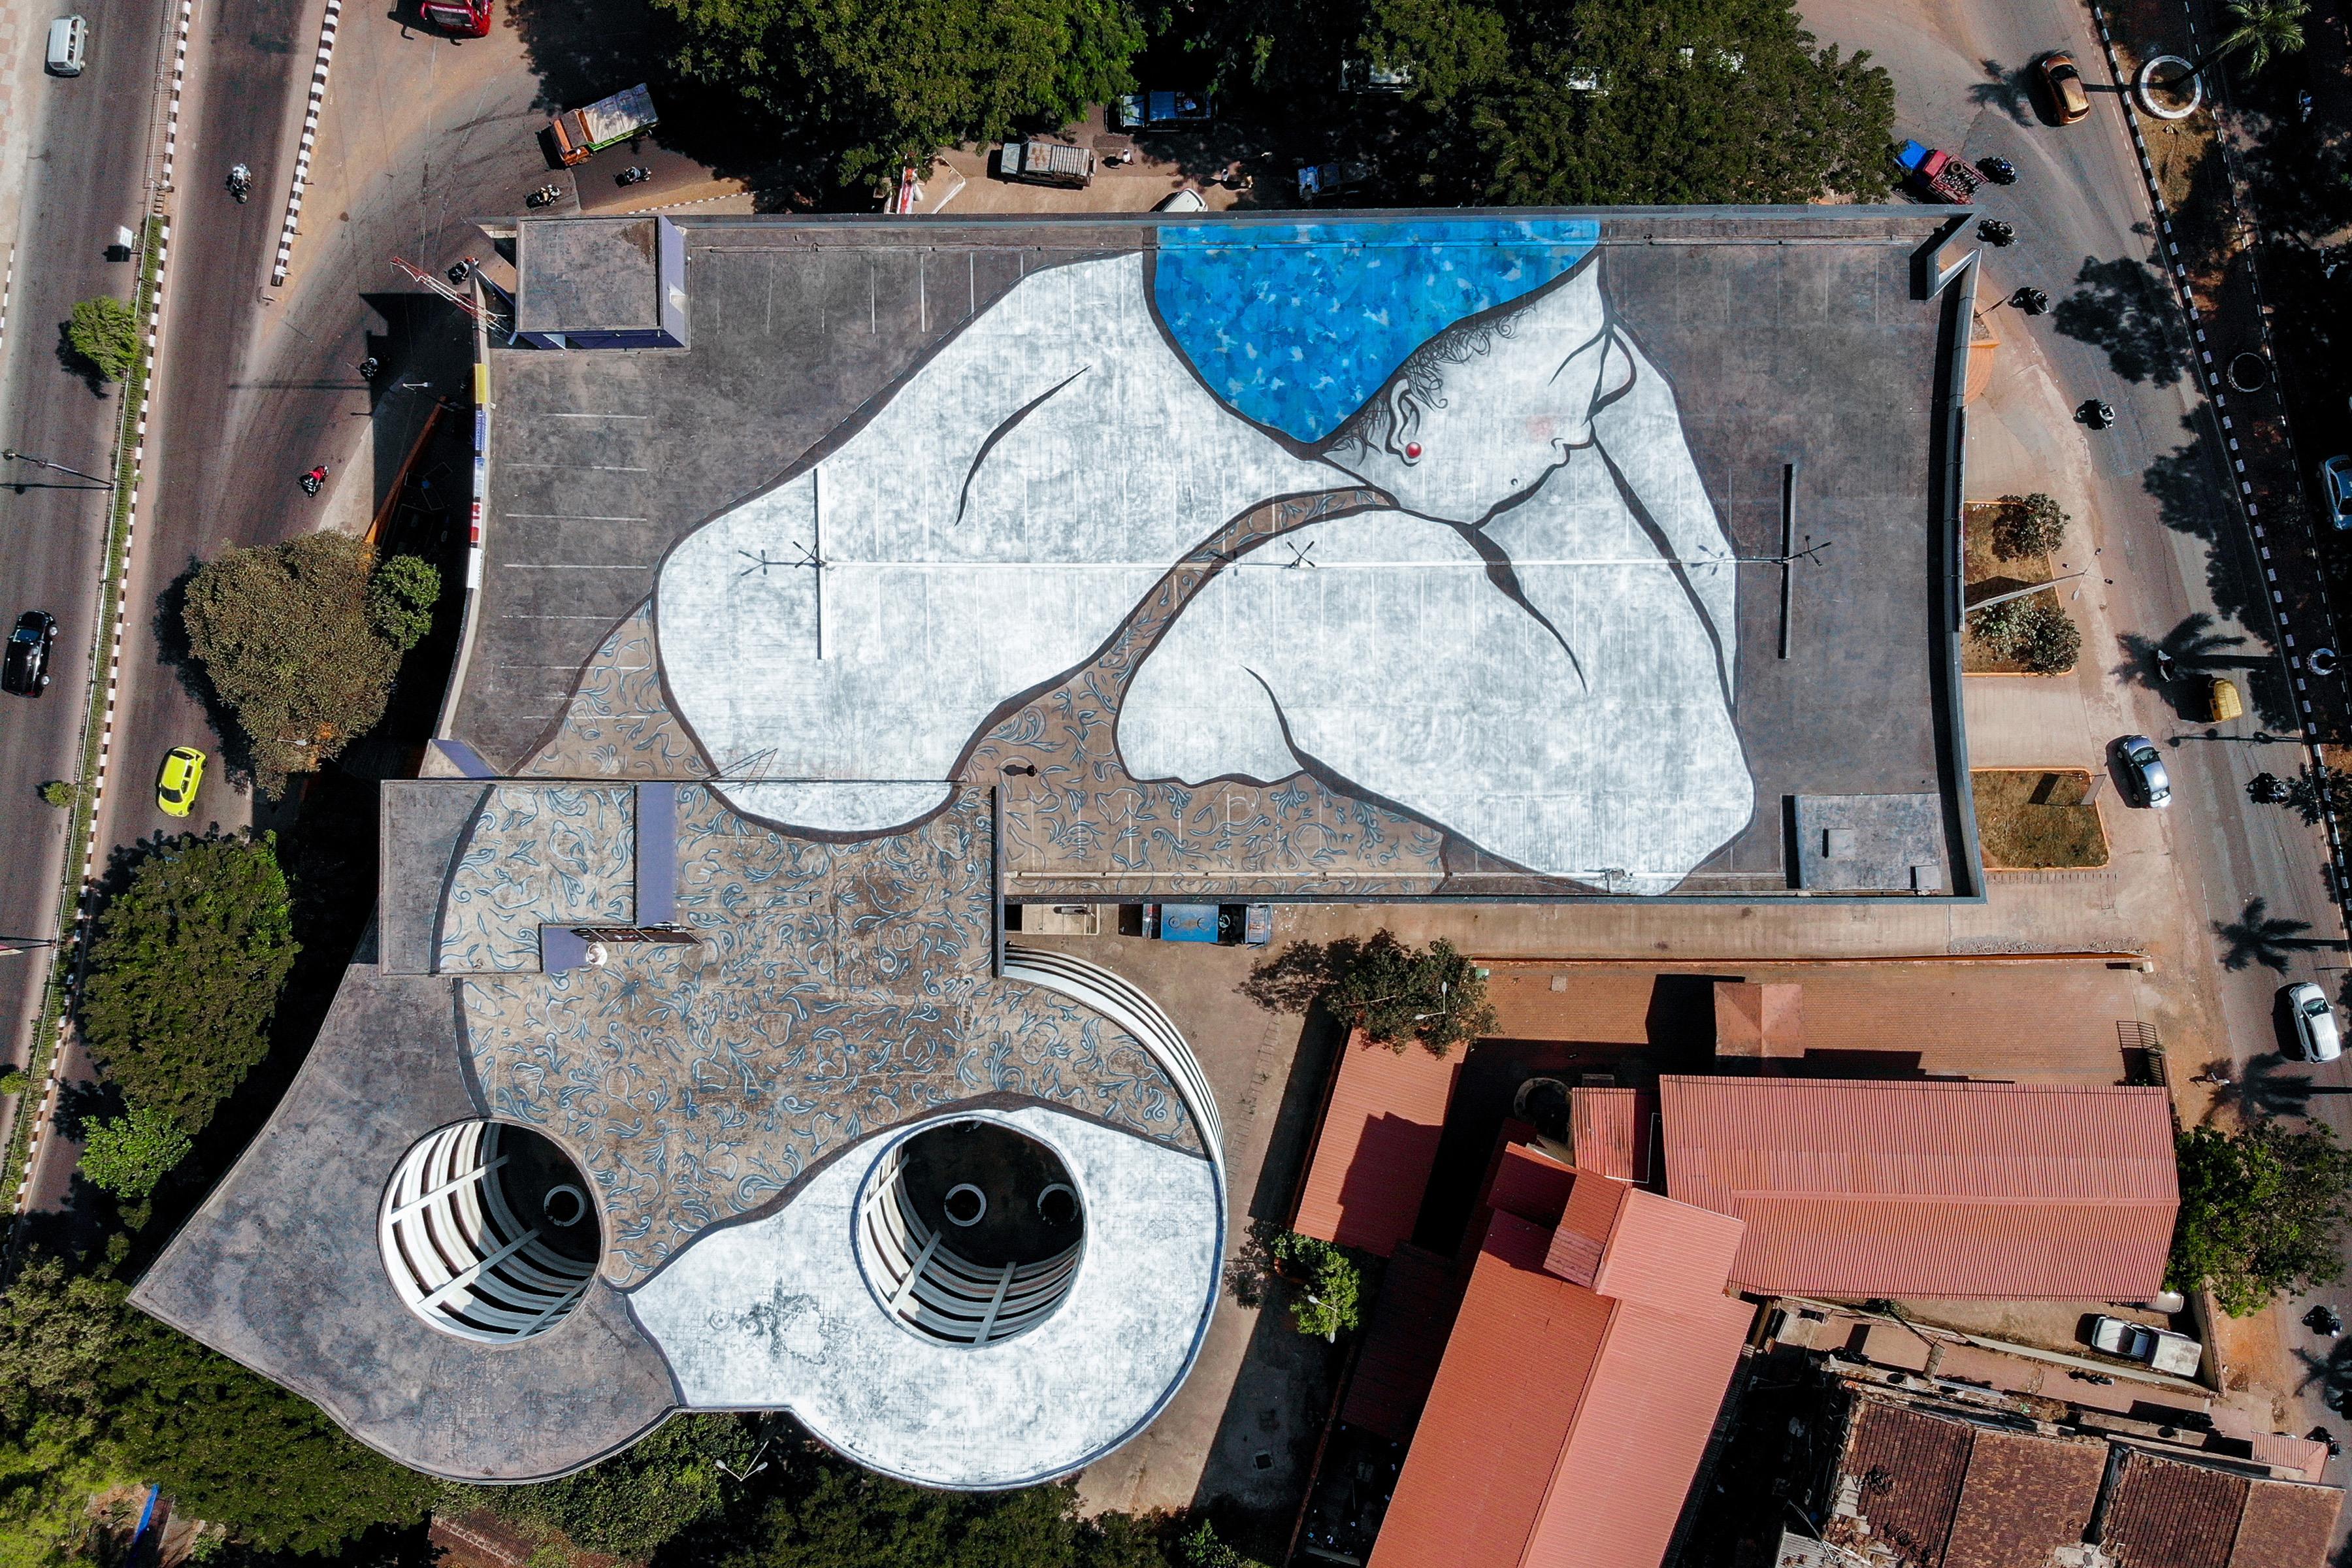 Ella Pitr Mural 1 Reveals St Art Goa 2019 Pranav Jay 4